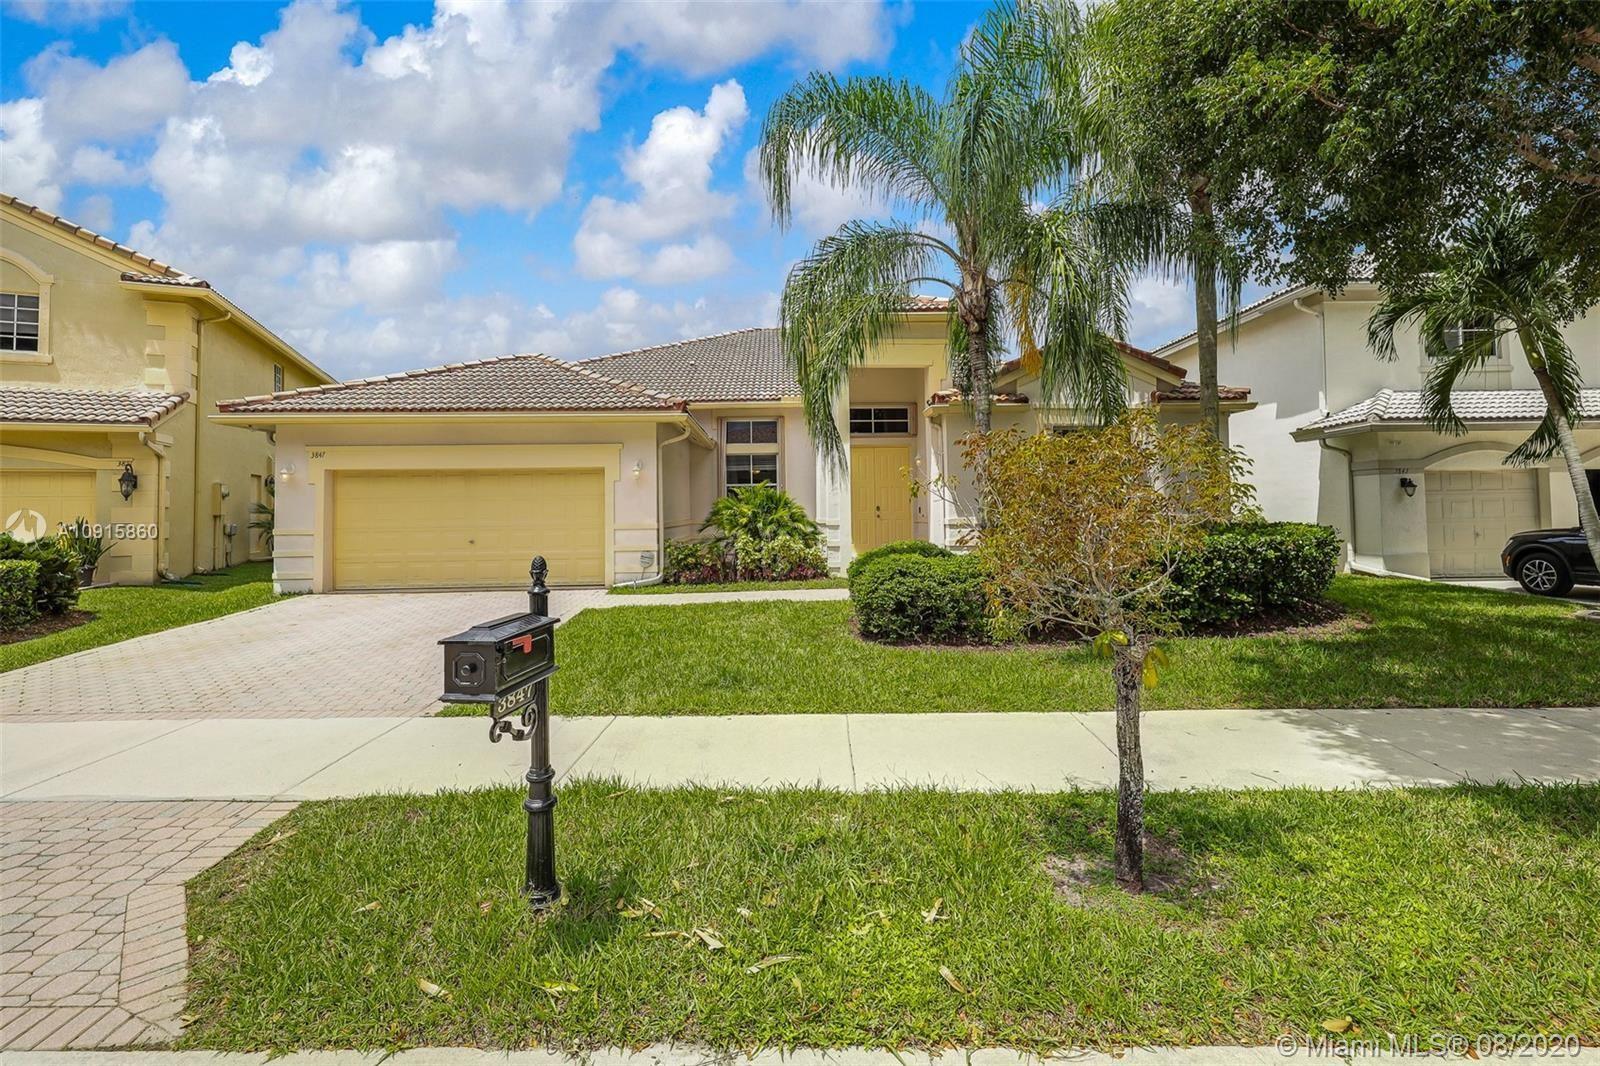 3847 Crestwood Cir, Weston, FL 33331 - #: A10915860